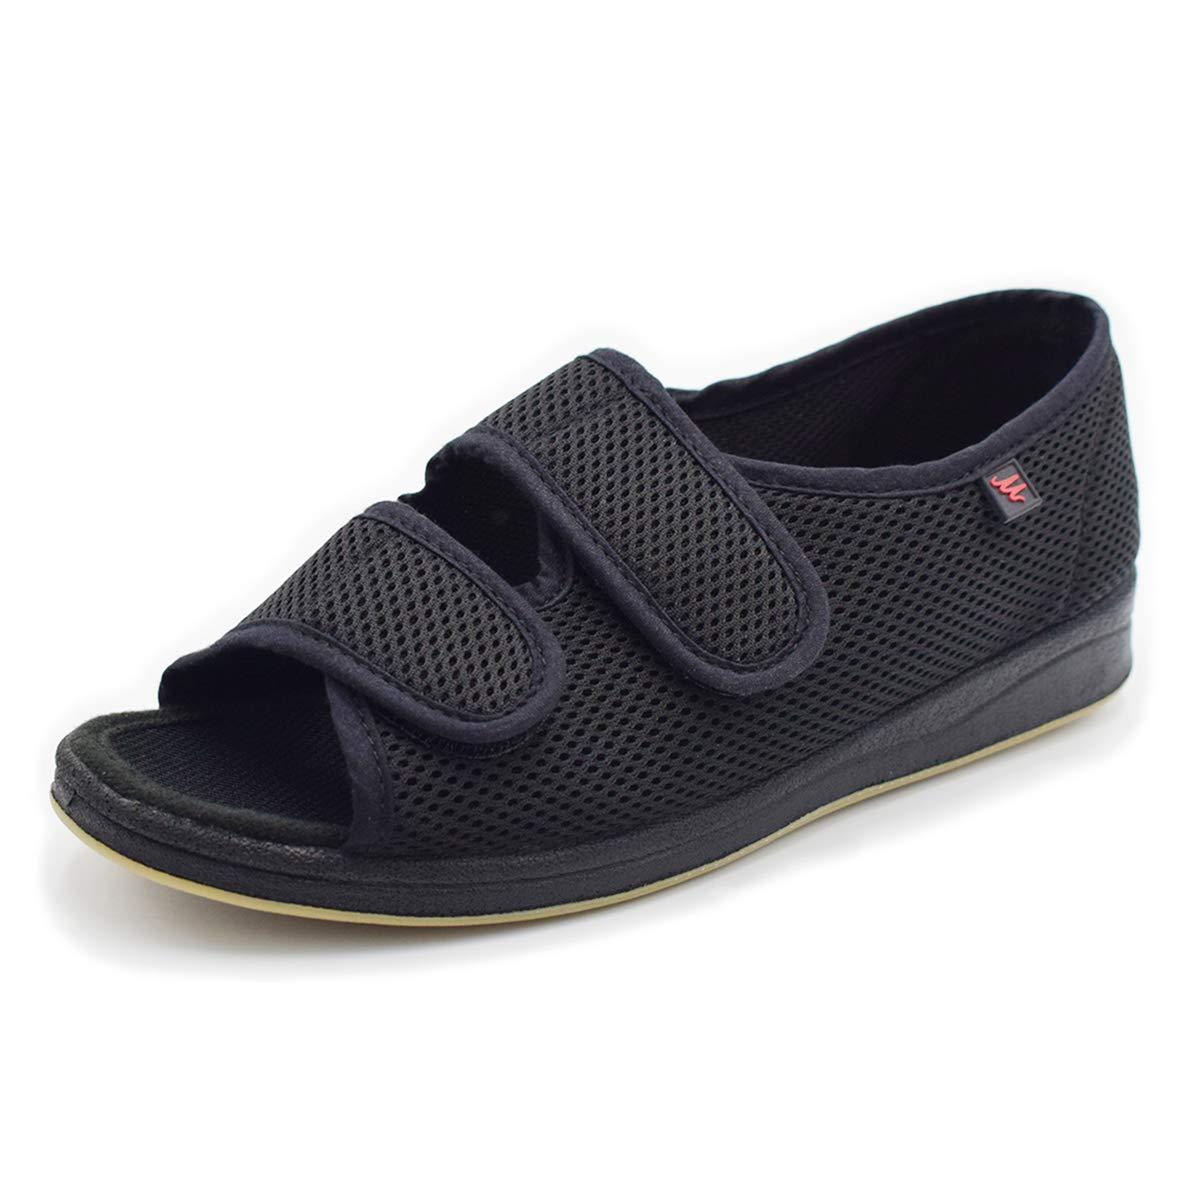 Mei MACLEOD Womens Adjustable Diabetic Flat Feet Arthritis Edema Shoes (10, Black) by Mei MACLEOD